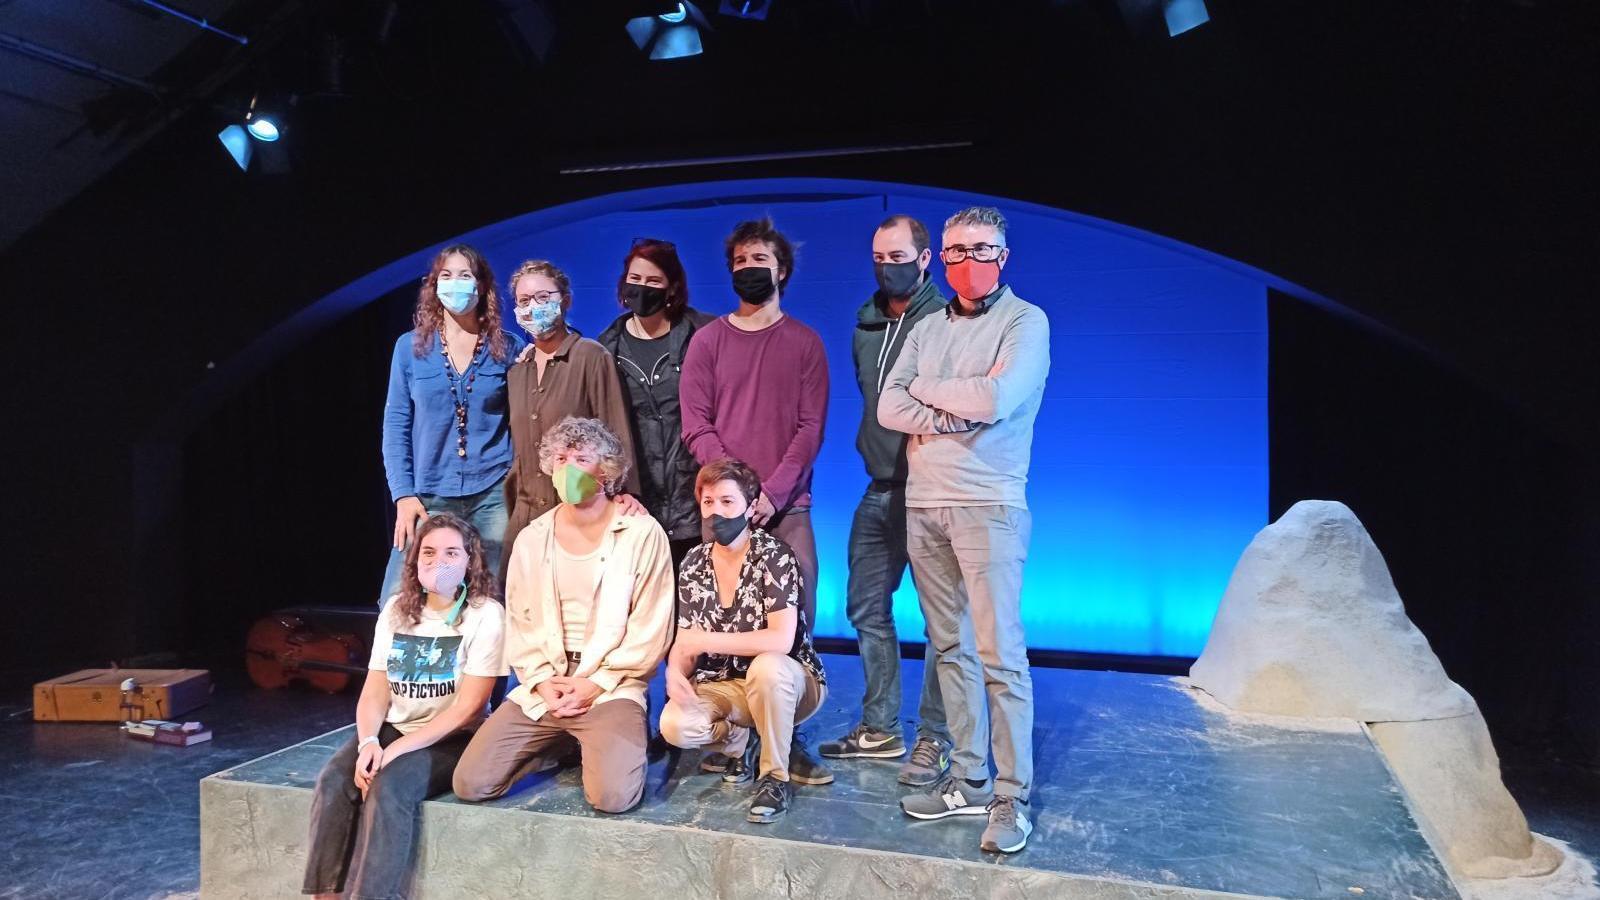 L'equip d''Antígones 2077', durant la presentació al Principal